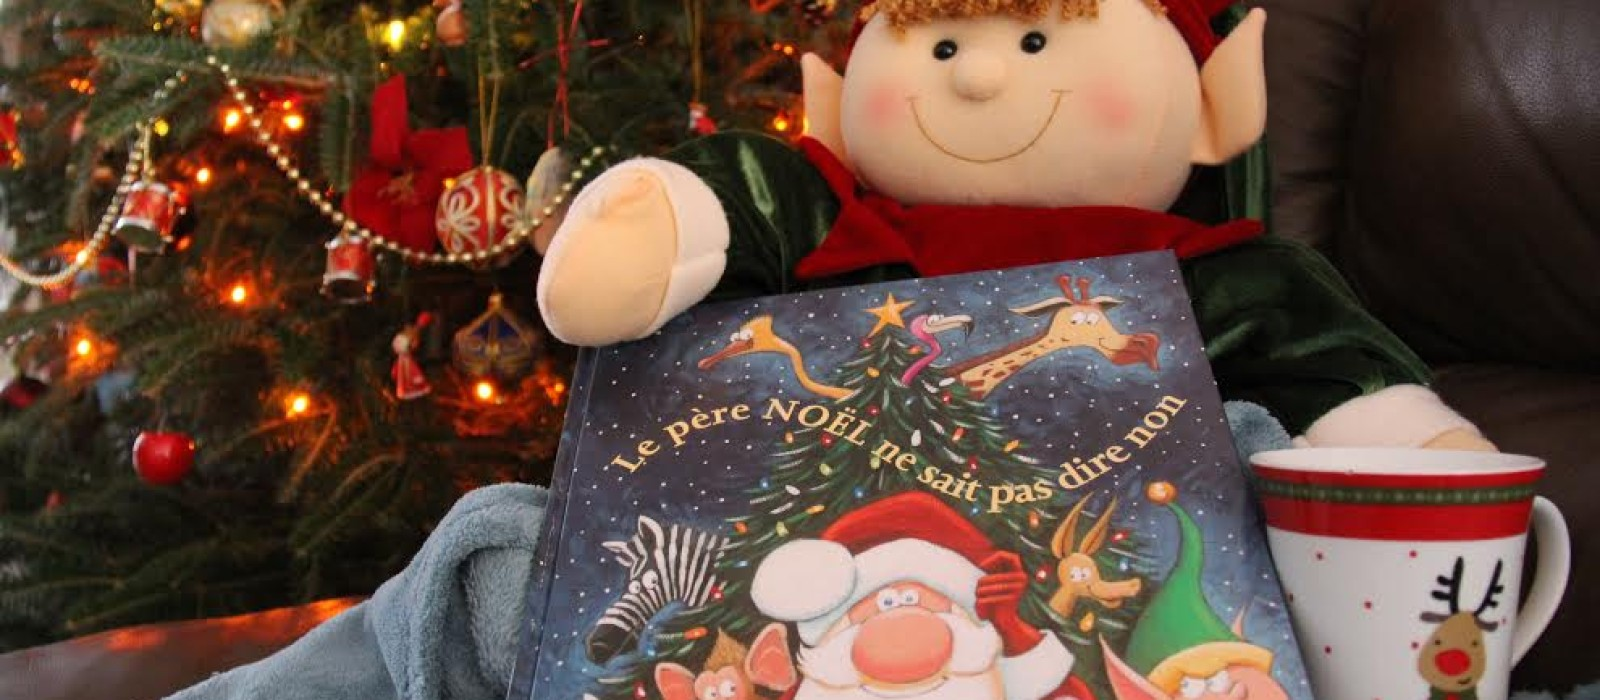 « Le père Noël ne sait pas dire non » – Petits trucs pour bien animer l'album auprès des enfants!